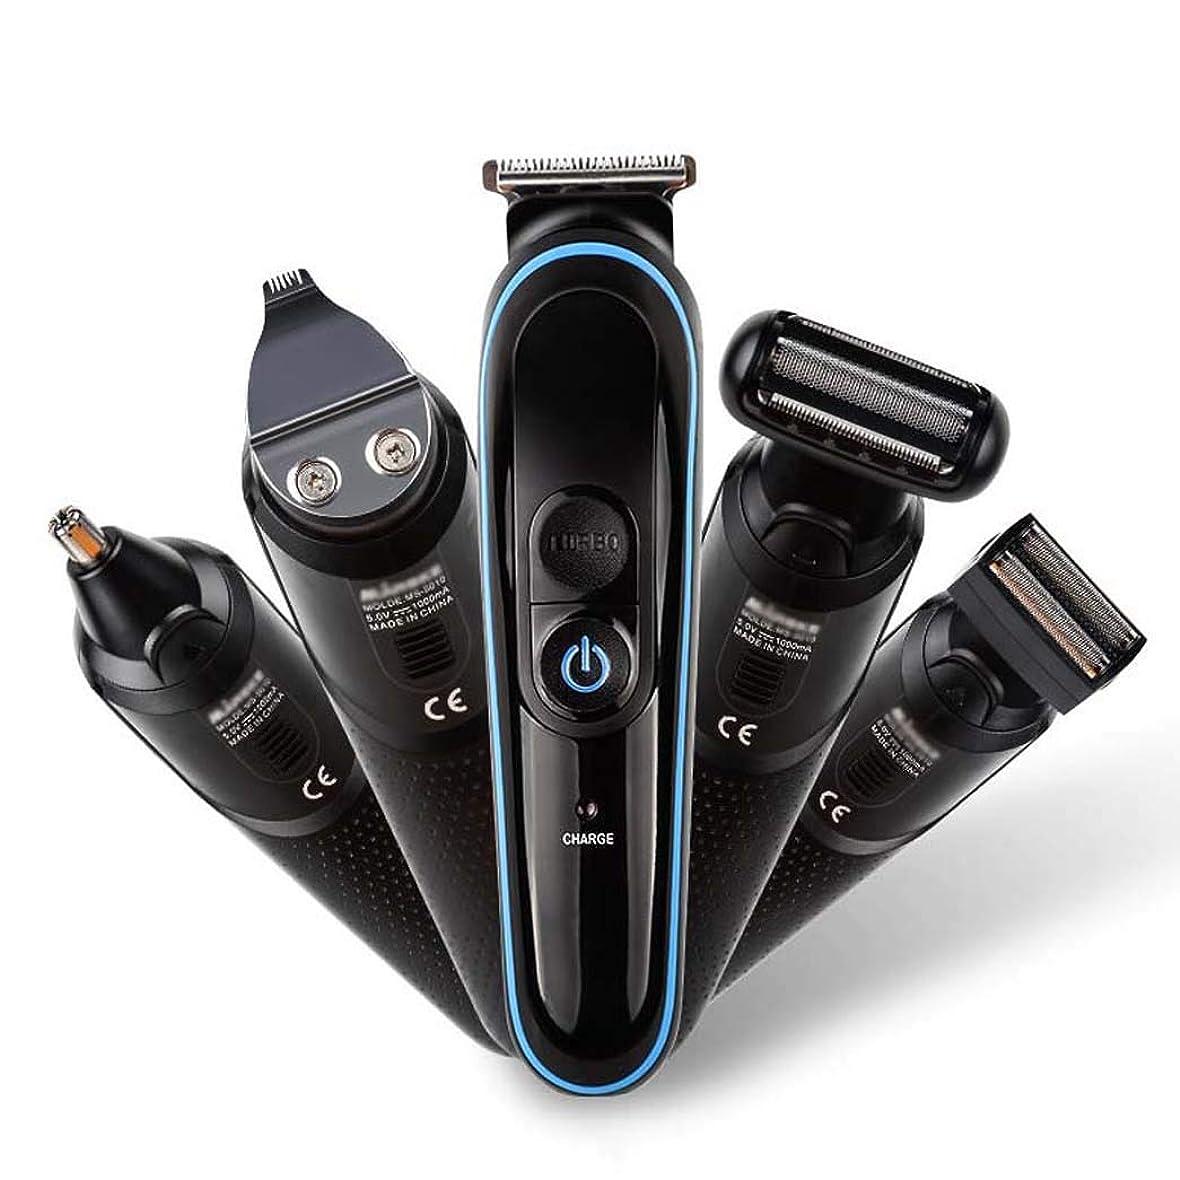 電気脱毛器マルチファンクションセットは、ノイズリダクションデザインブラックと充電式鼻毛シェービングレタリングヘアクリッパーが含まれています